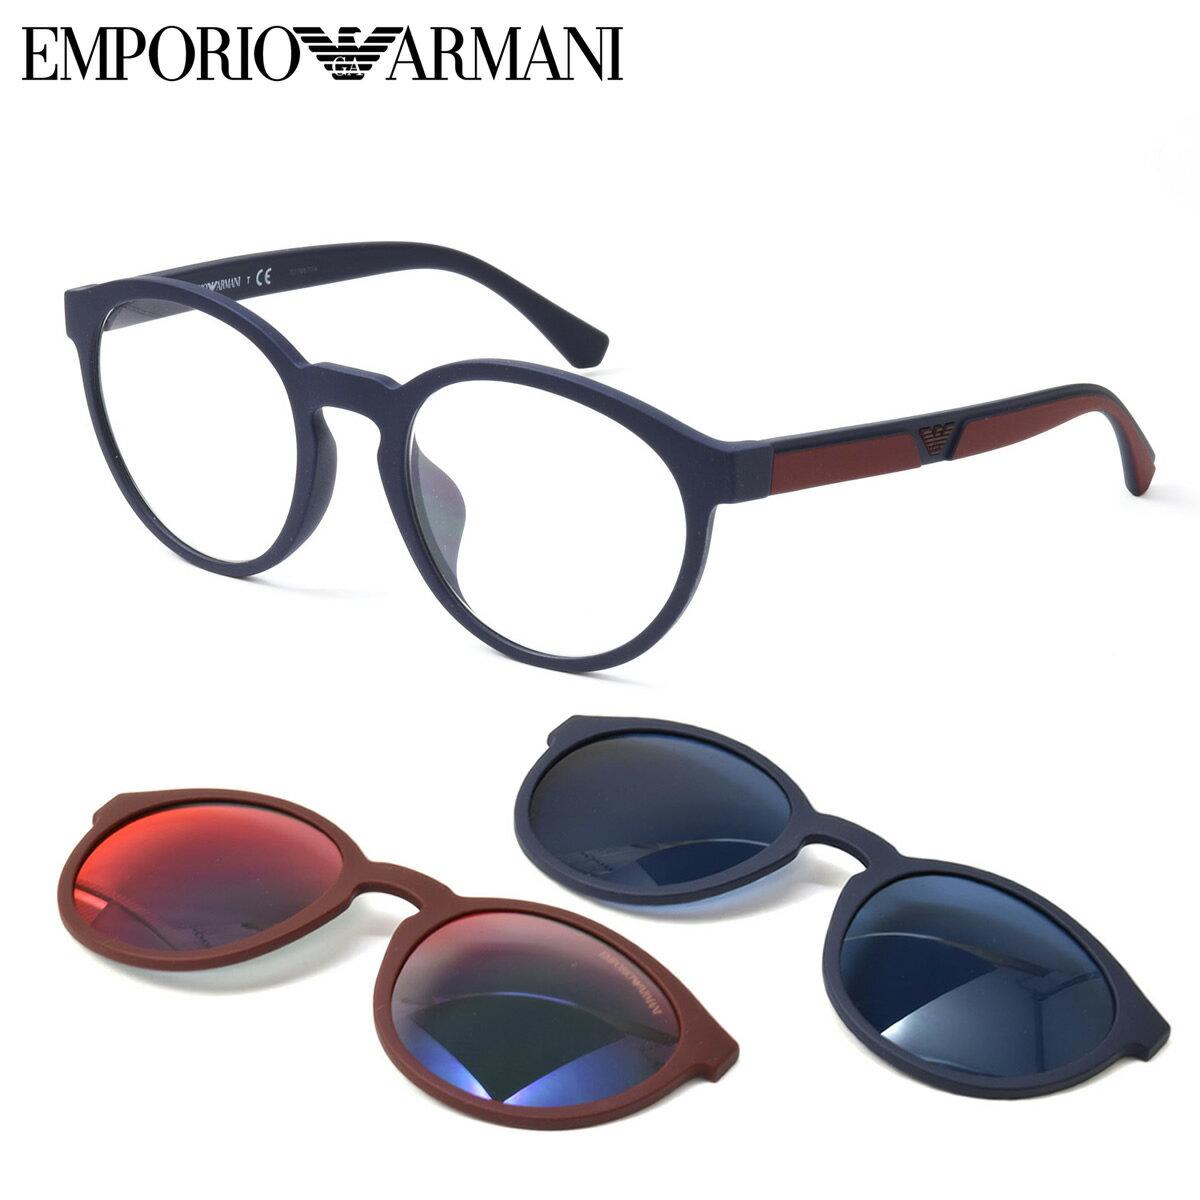 眼鏡・サングラス, 眼鏡  EA4152F 56691W 52 EMPORIO ARMANI 3WAY